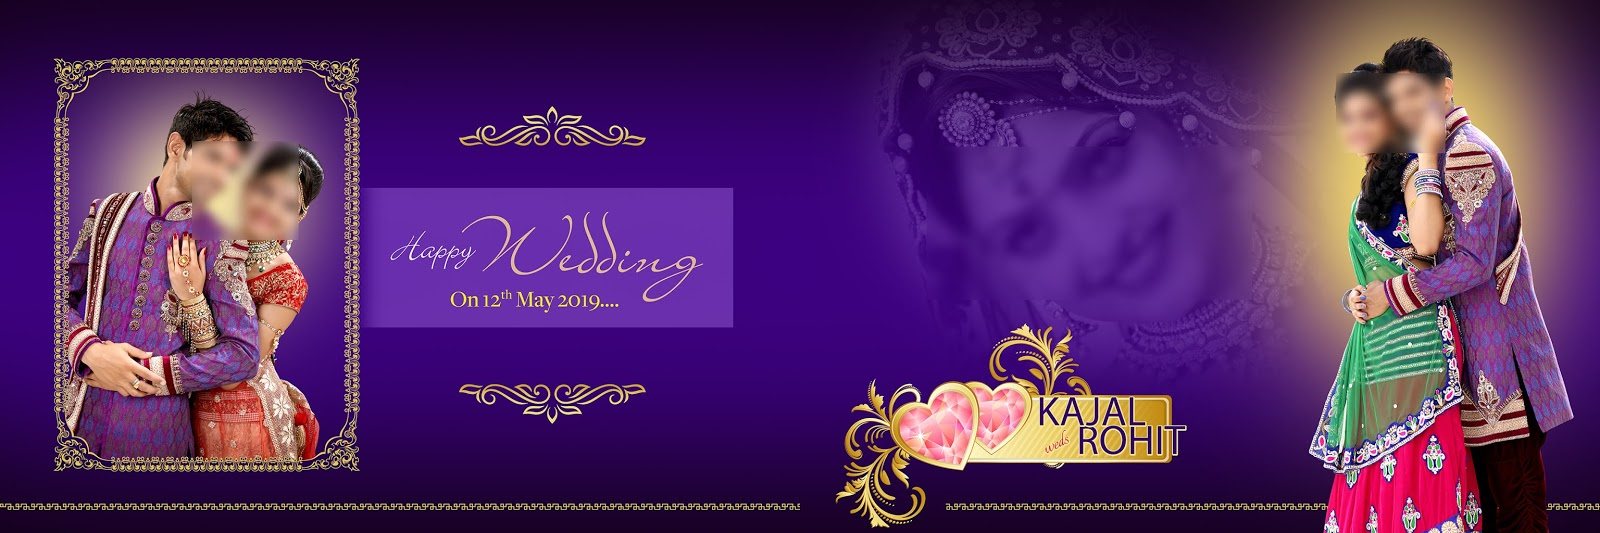 Best Wedding Background Hd Images Download Senhogu